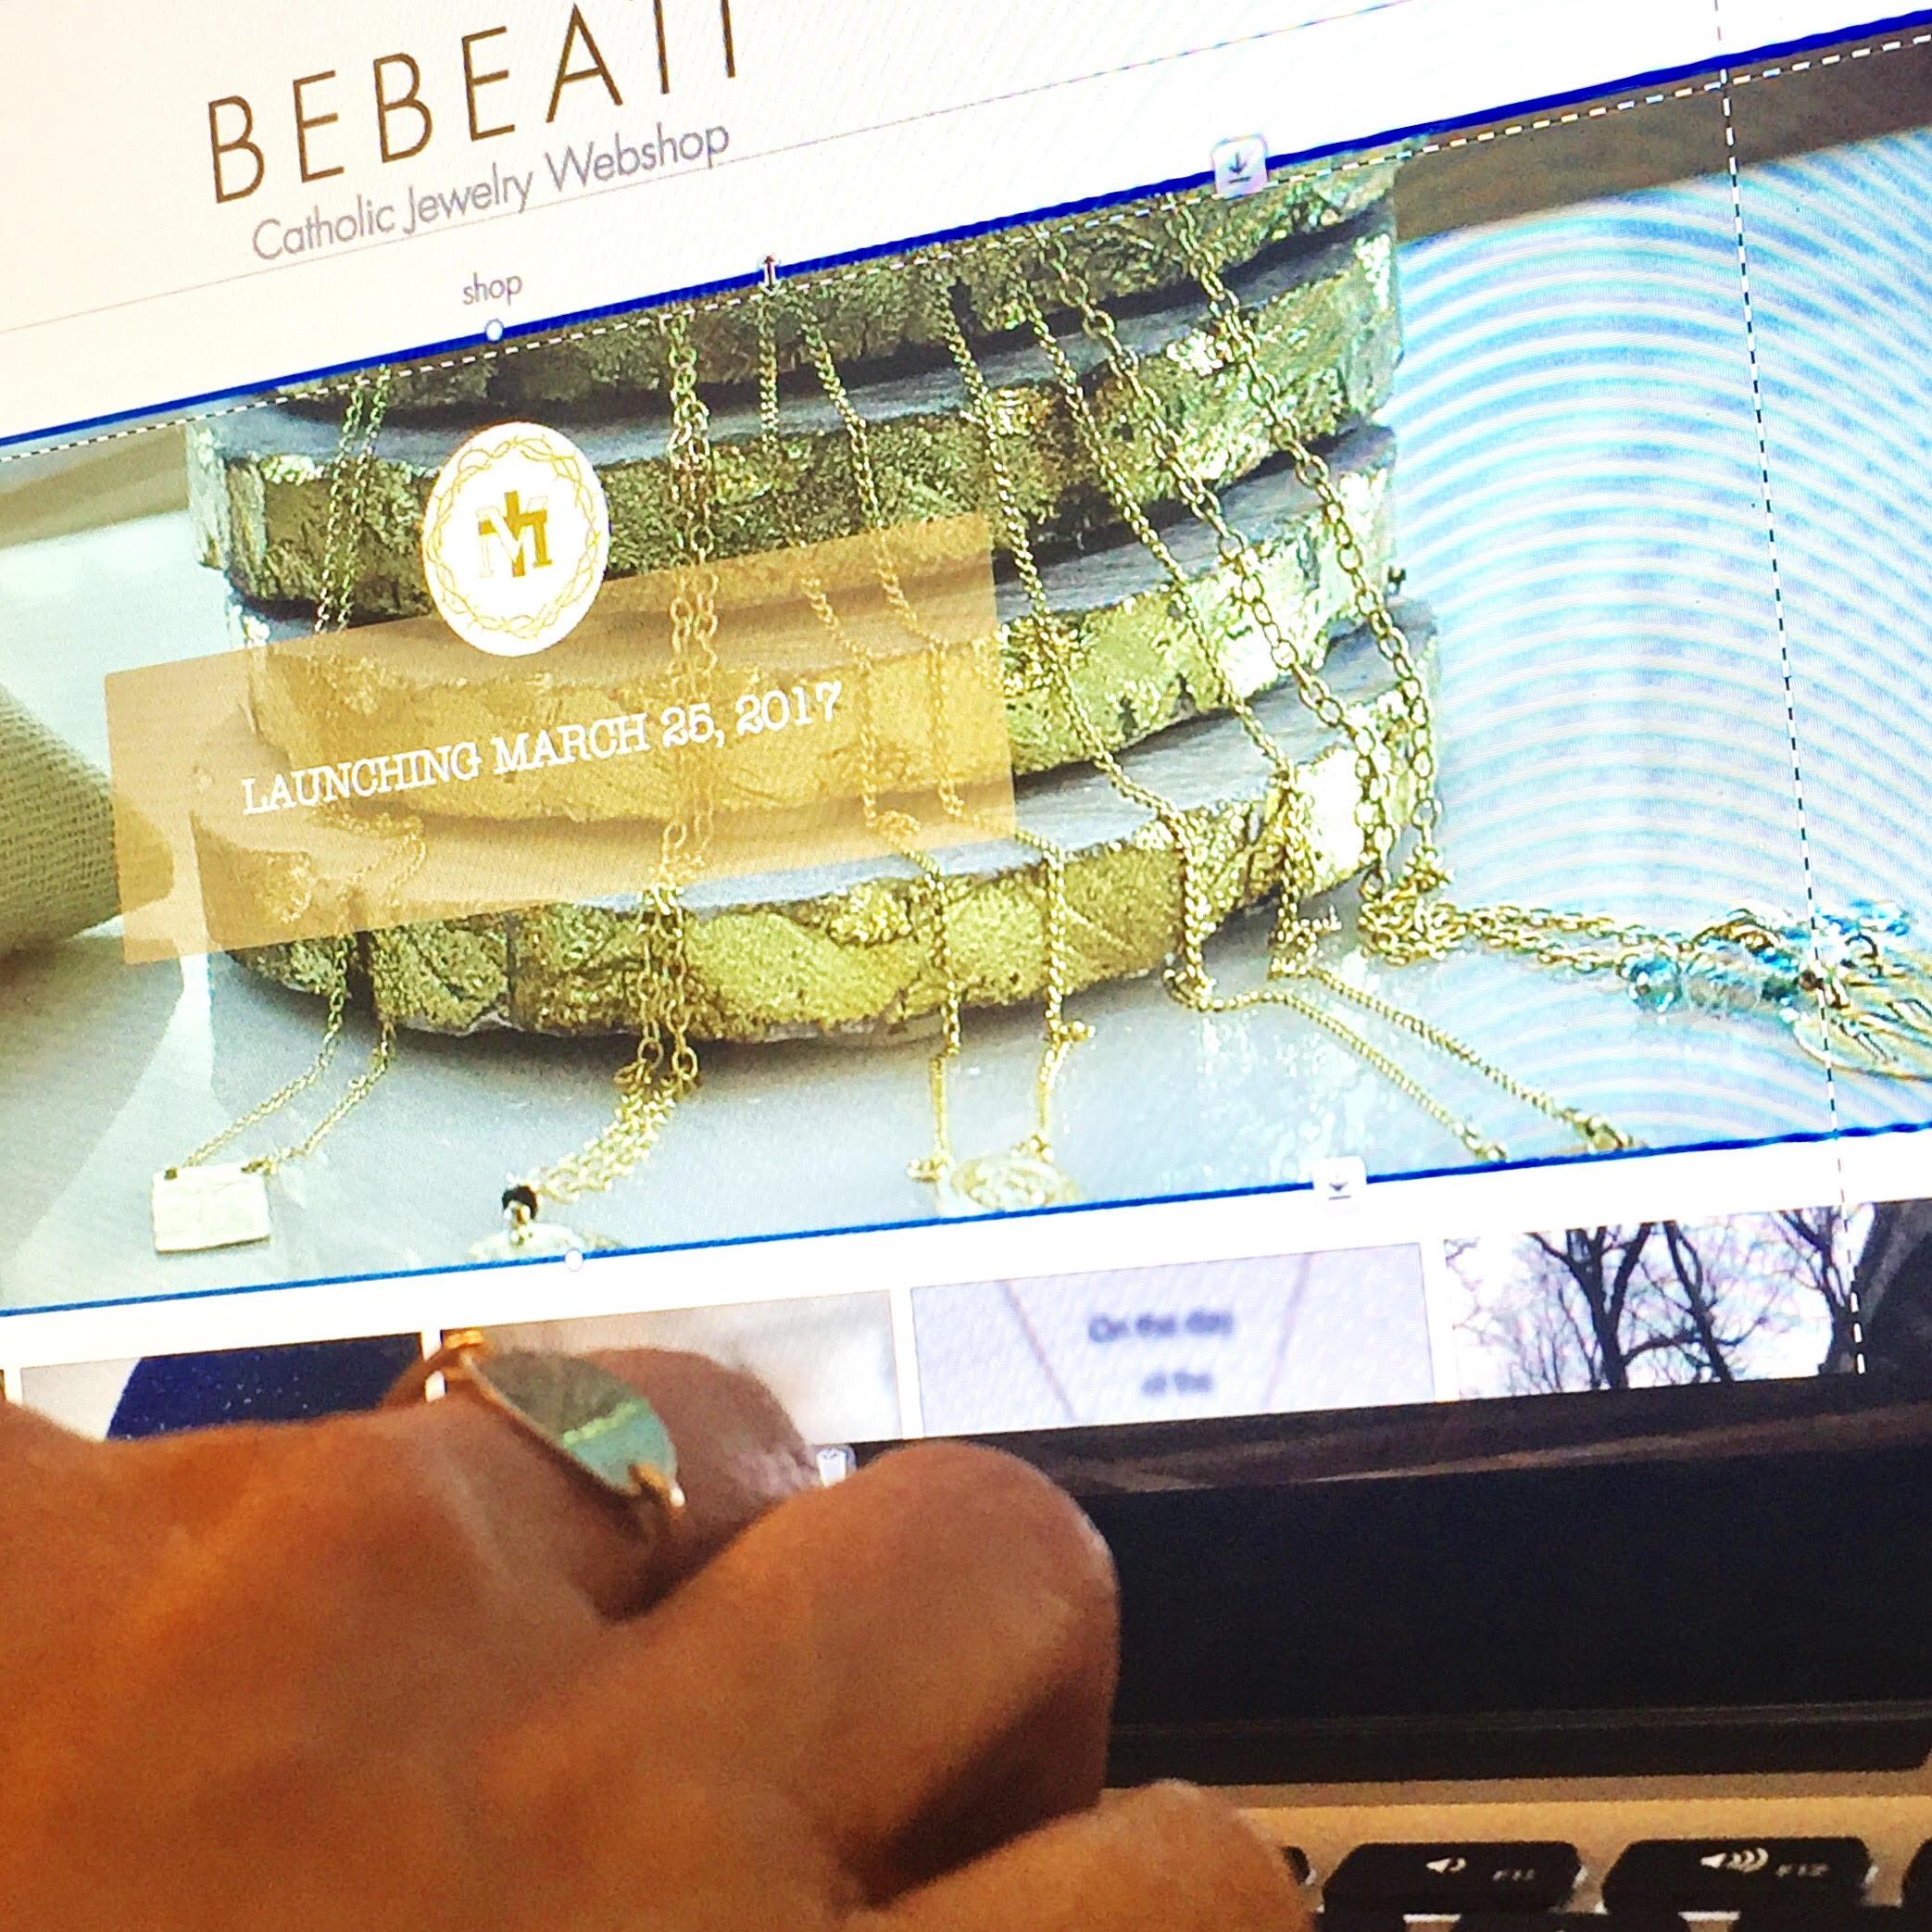 bebeati-catholic-jewelry-launch.jpg